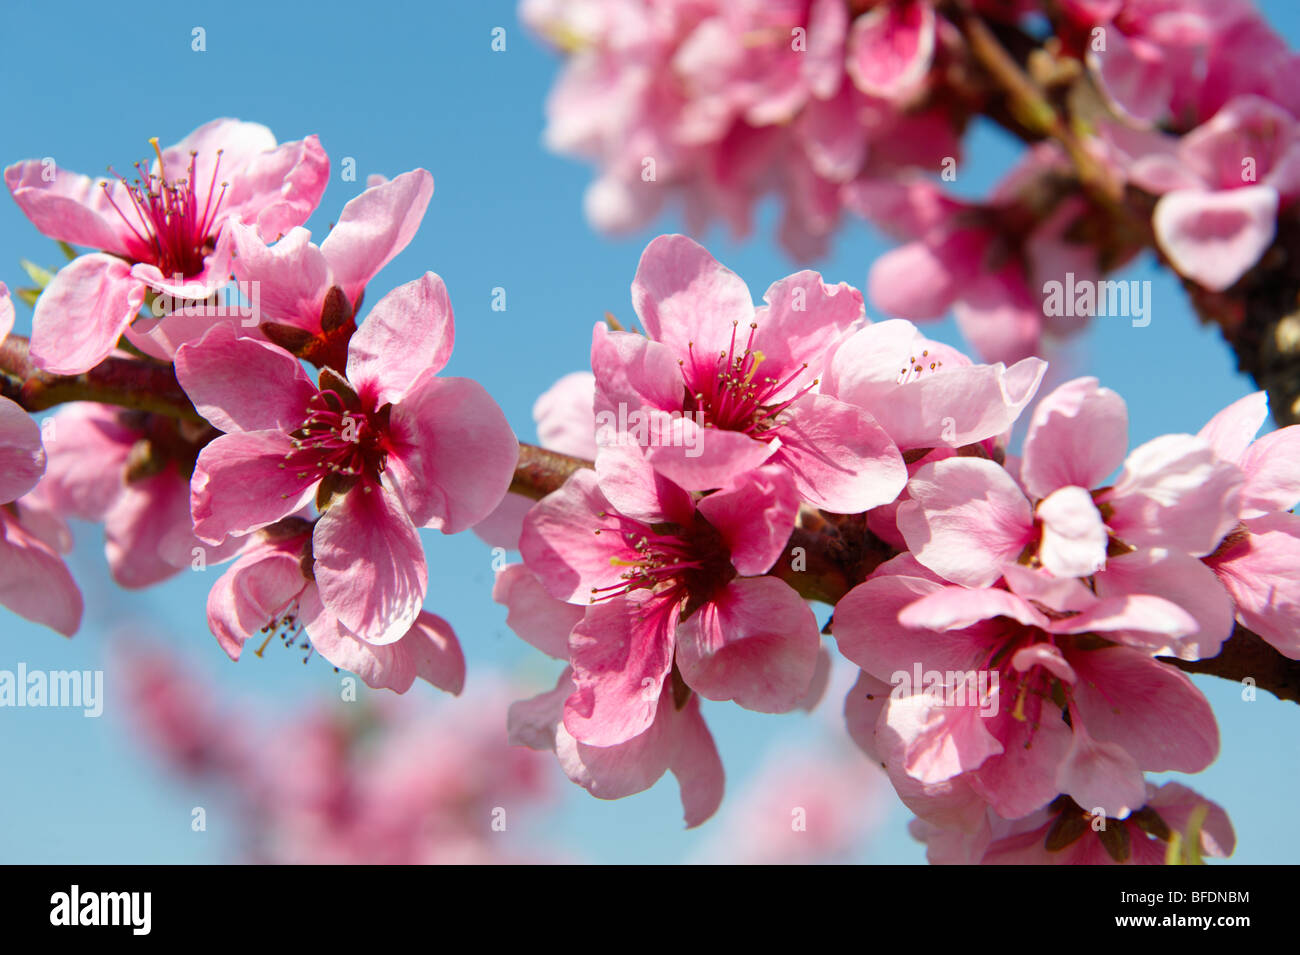 Abricot rose fleurs sur l'arbre, Koszeg, Hongrie Photo Stock